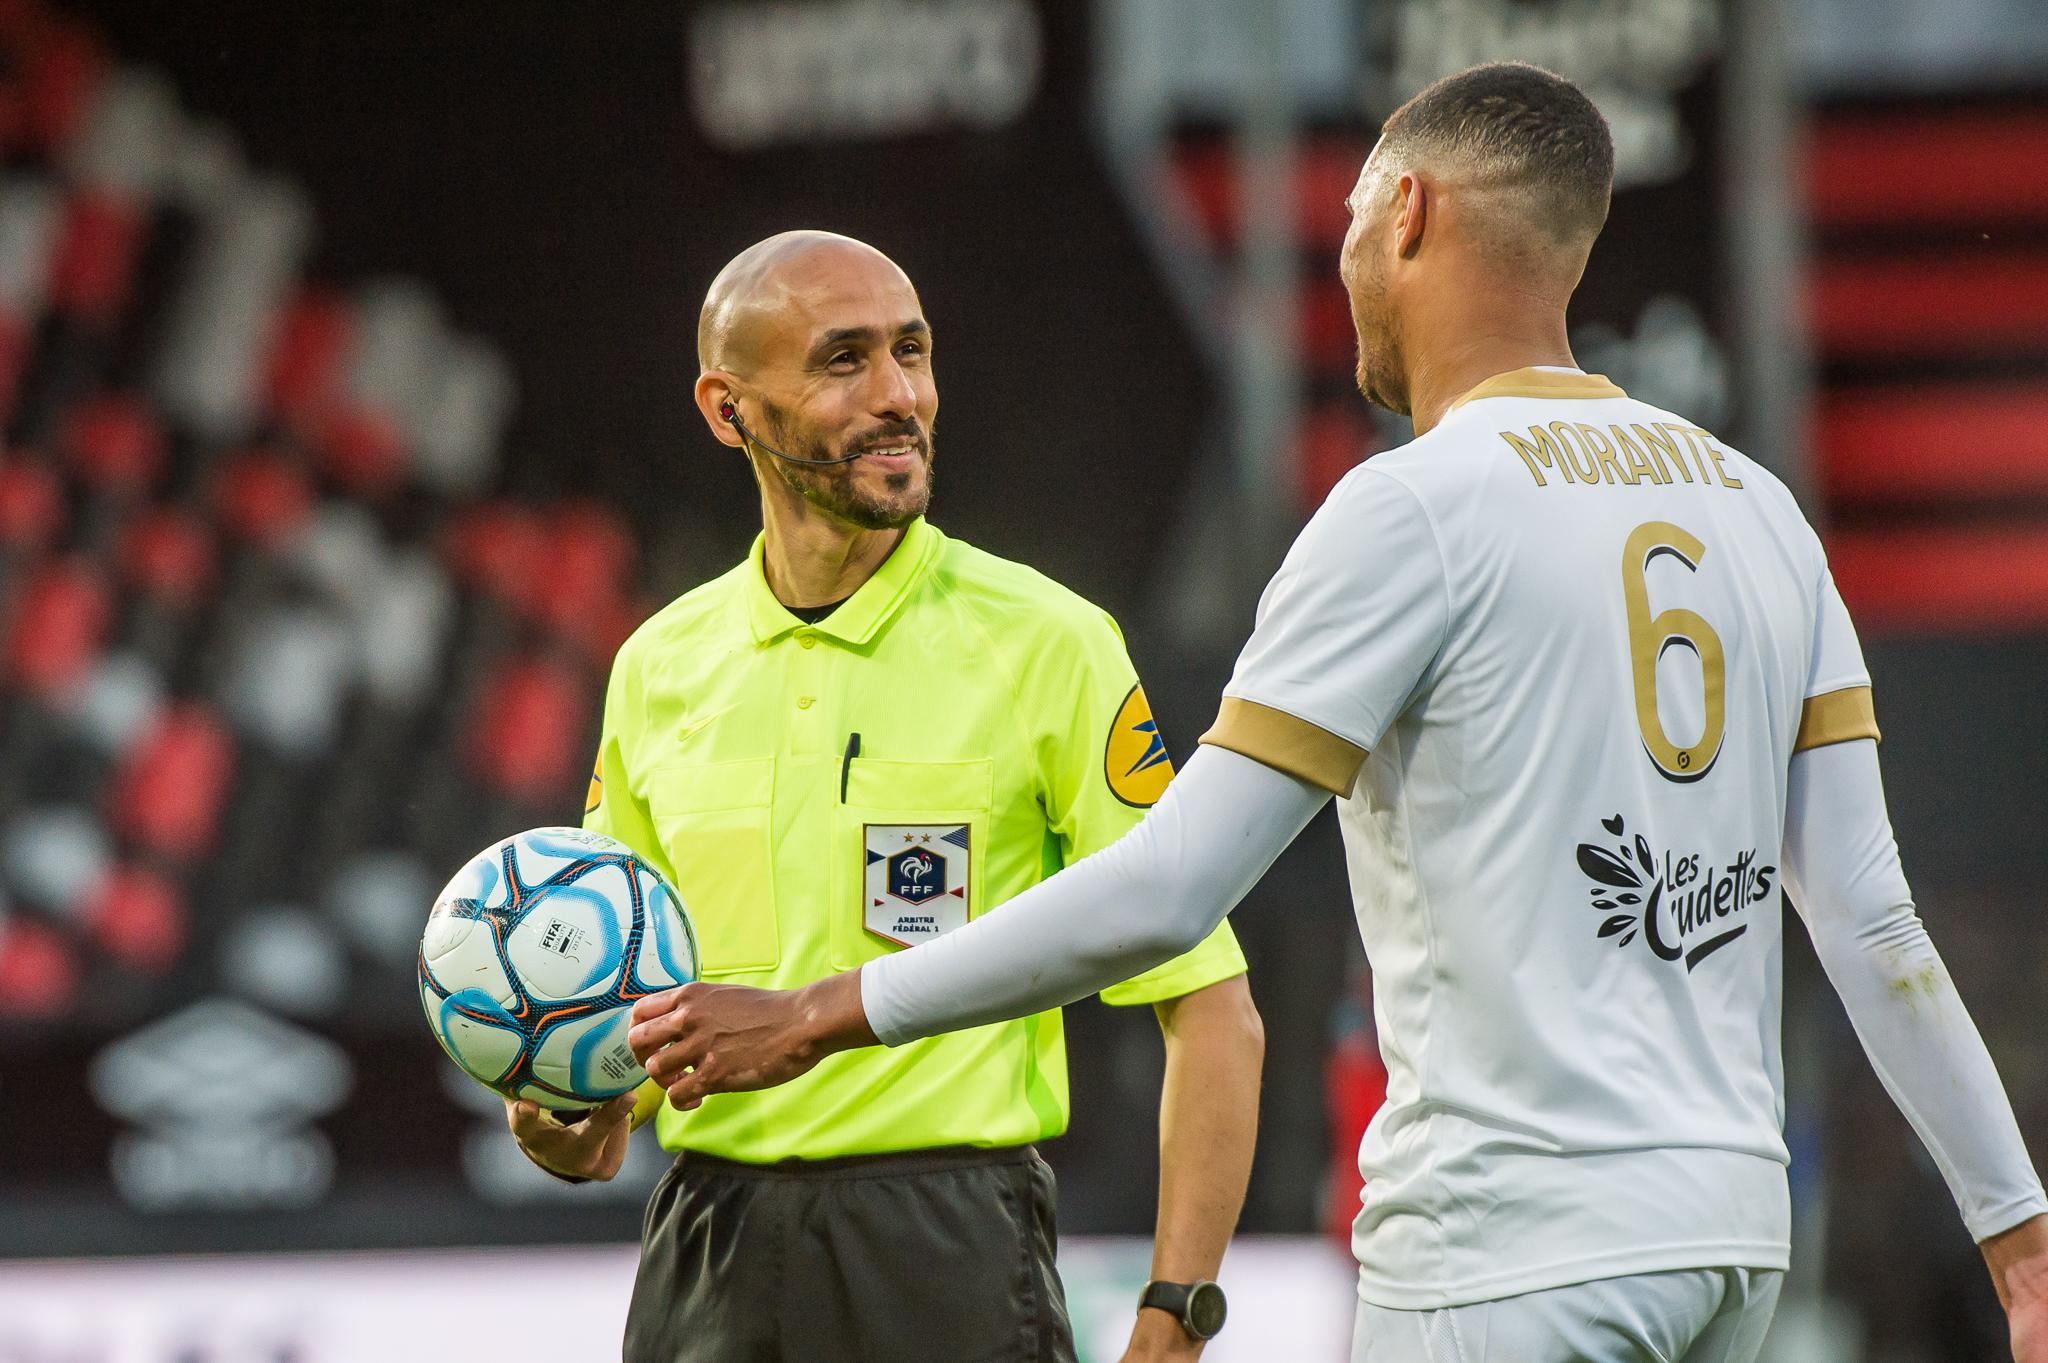 EA Guingamp La Berrichonne Châteauroux J37 Ligue 2 BKT EAGLBC 2-0 Stade de Roudourou FRA_5592